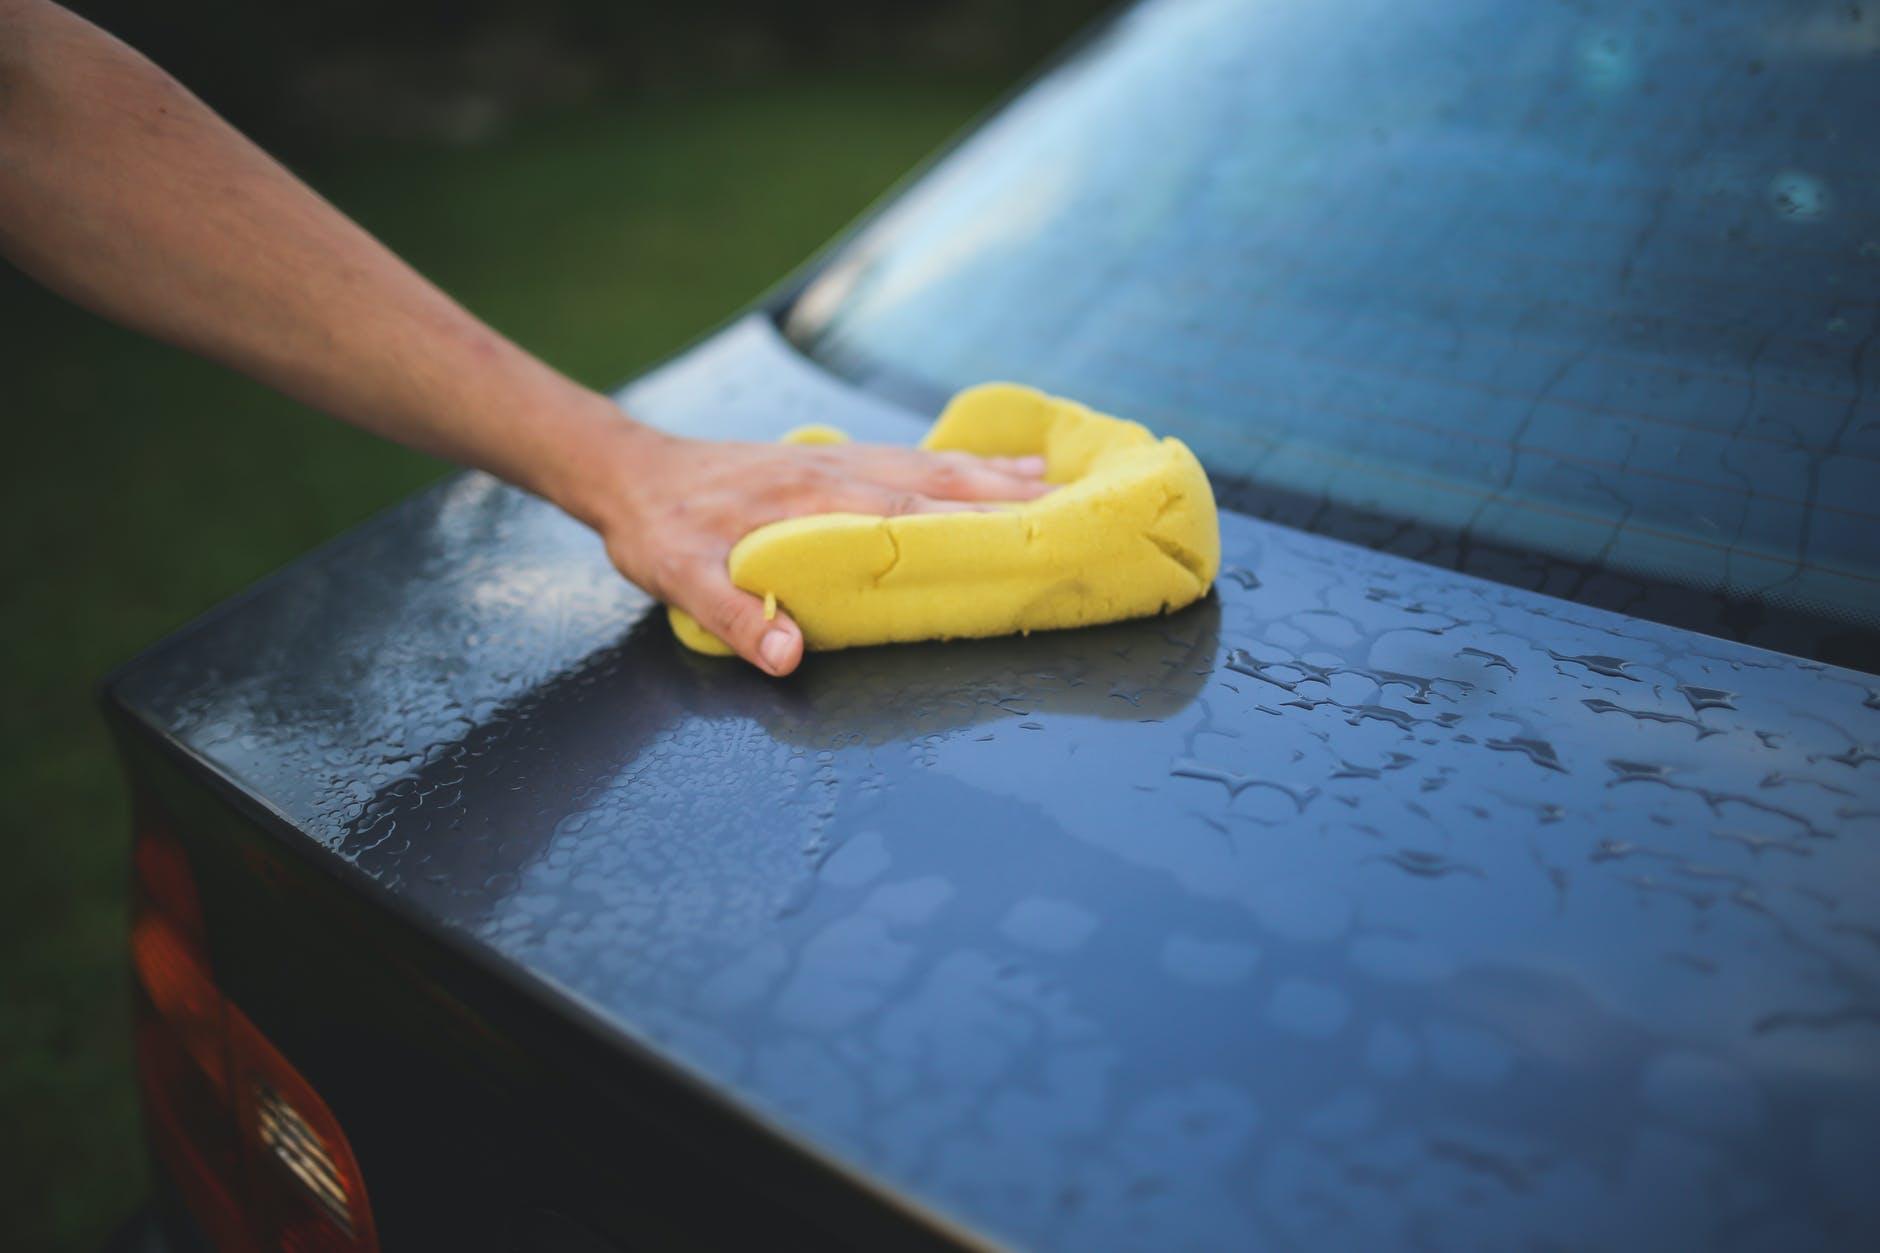 car wash, yescomusa, car sun damage